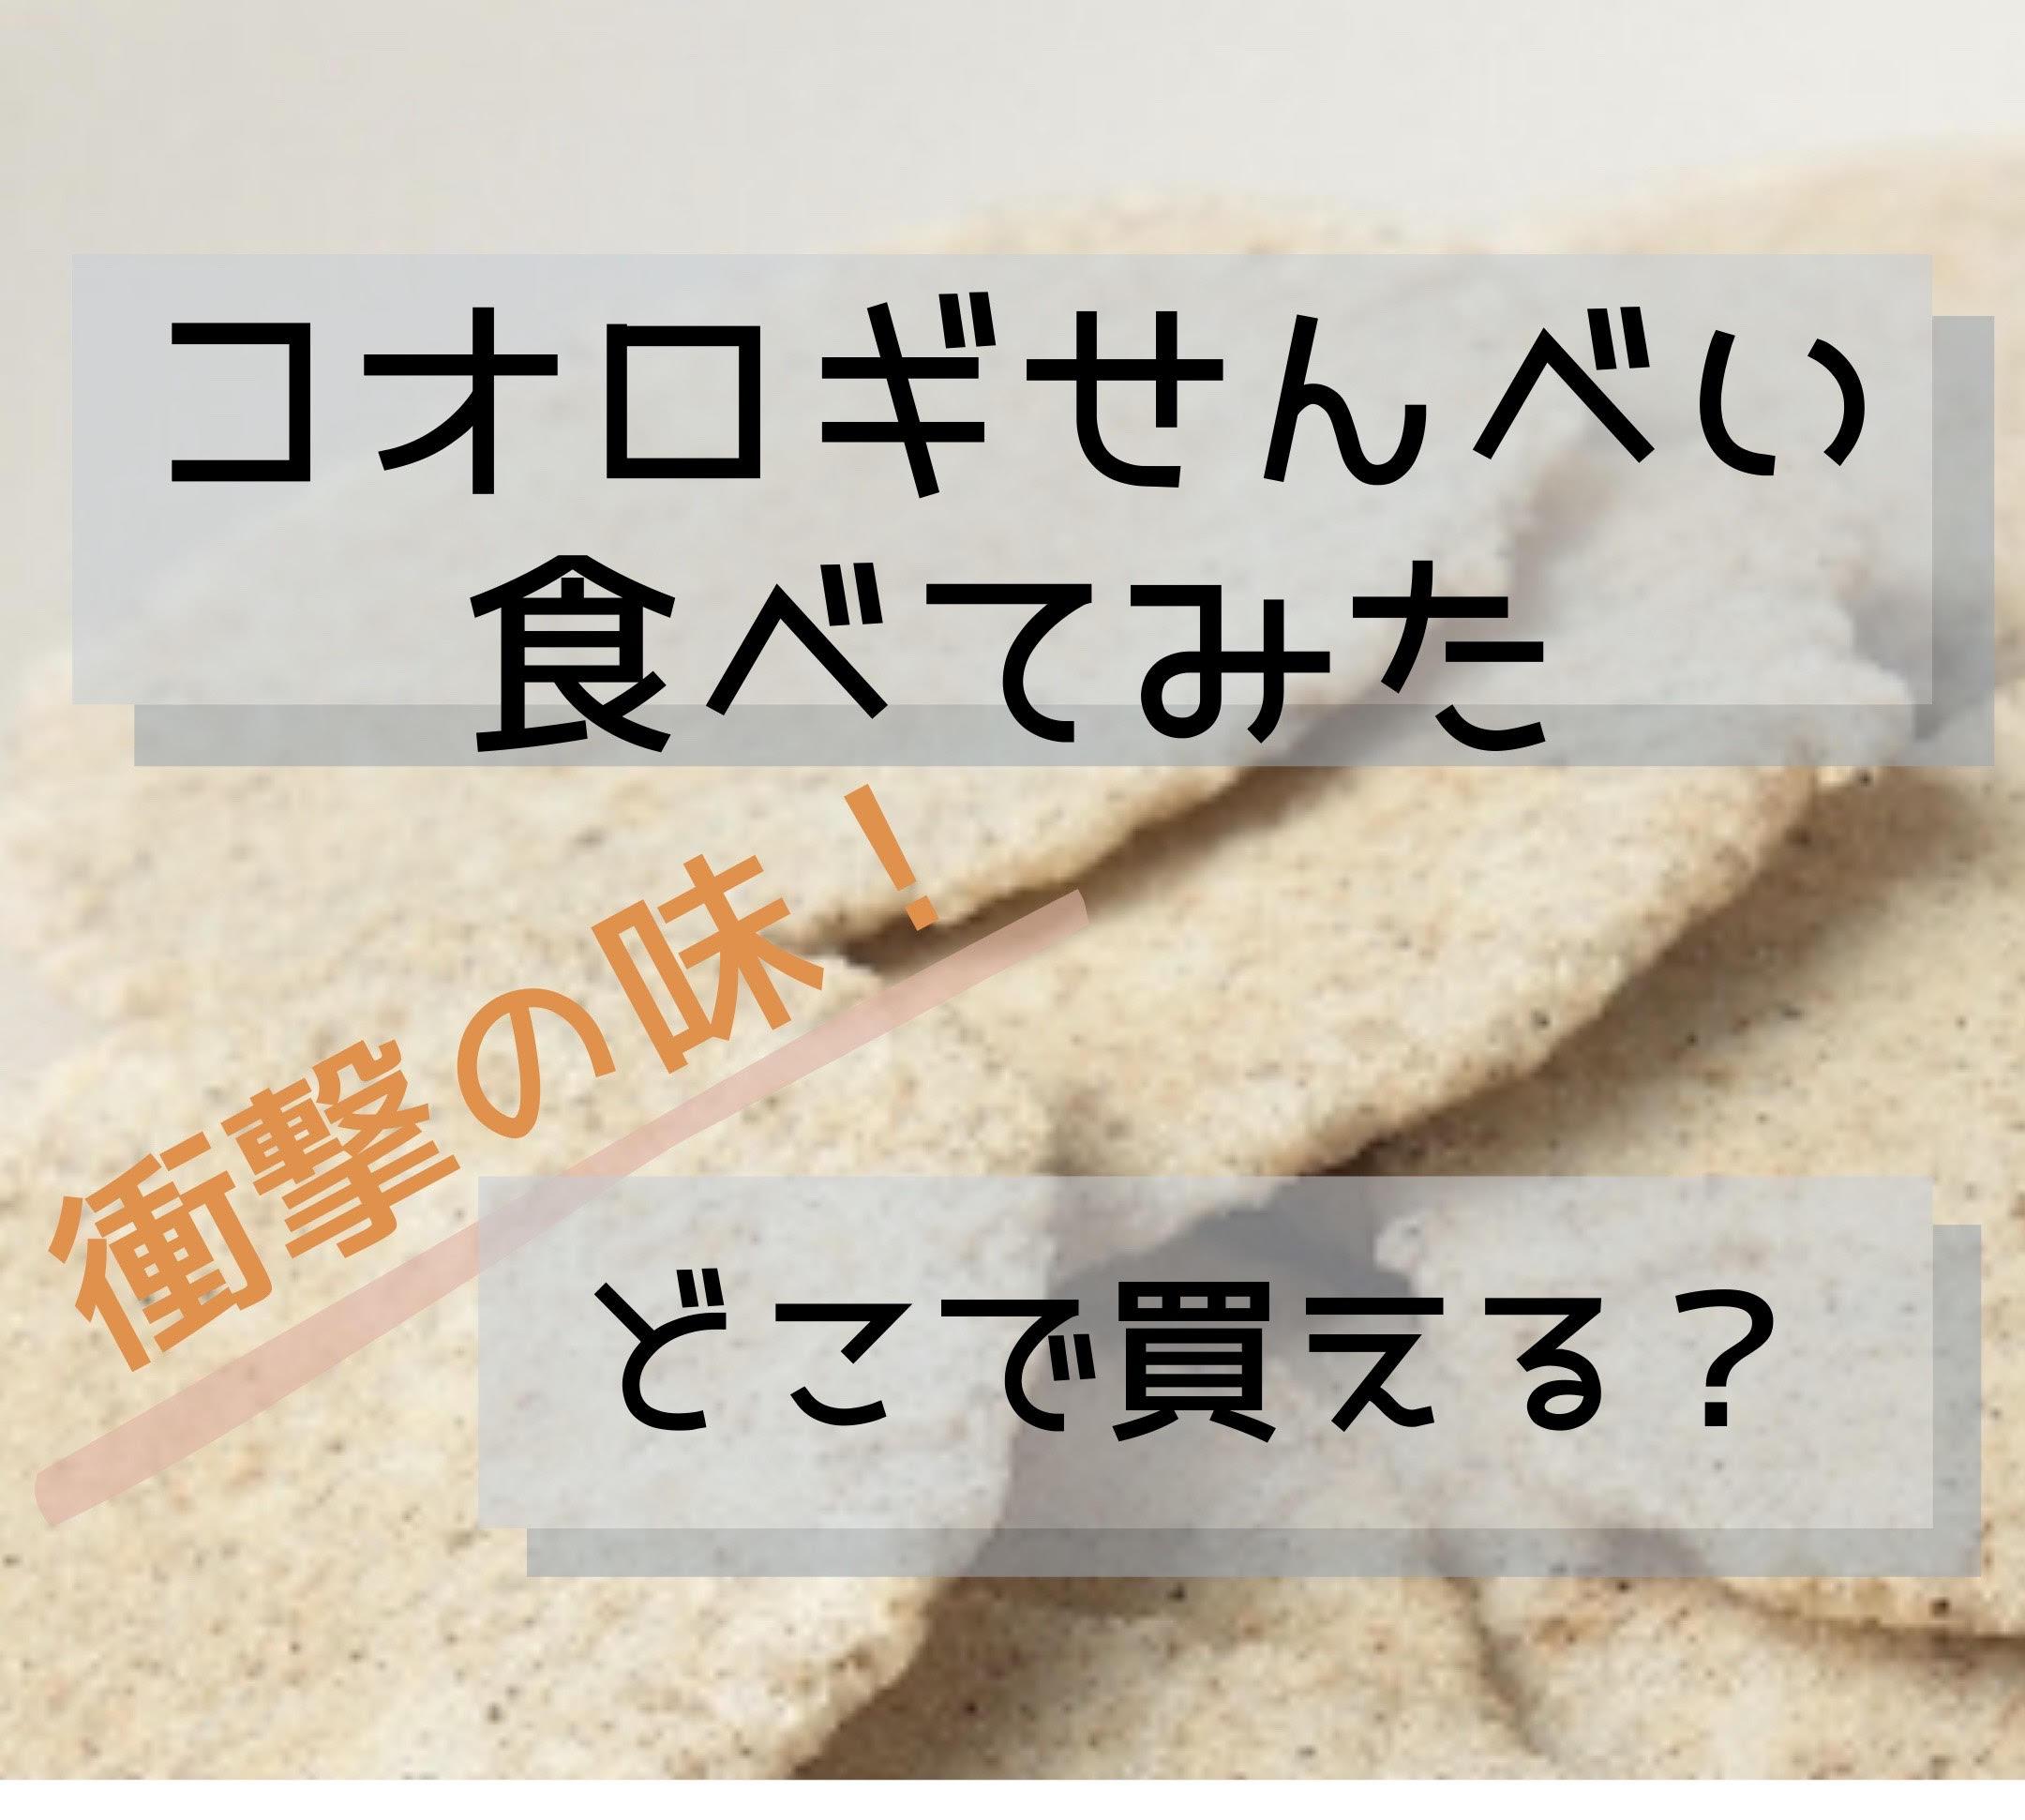 【衝撃の味!】コオロギせんべいの口コミは?食べた感想は?無印良品で買える?